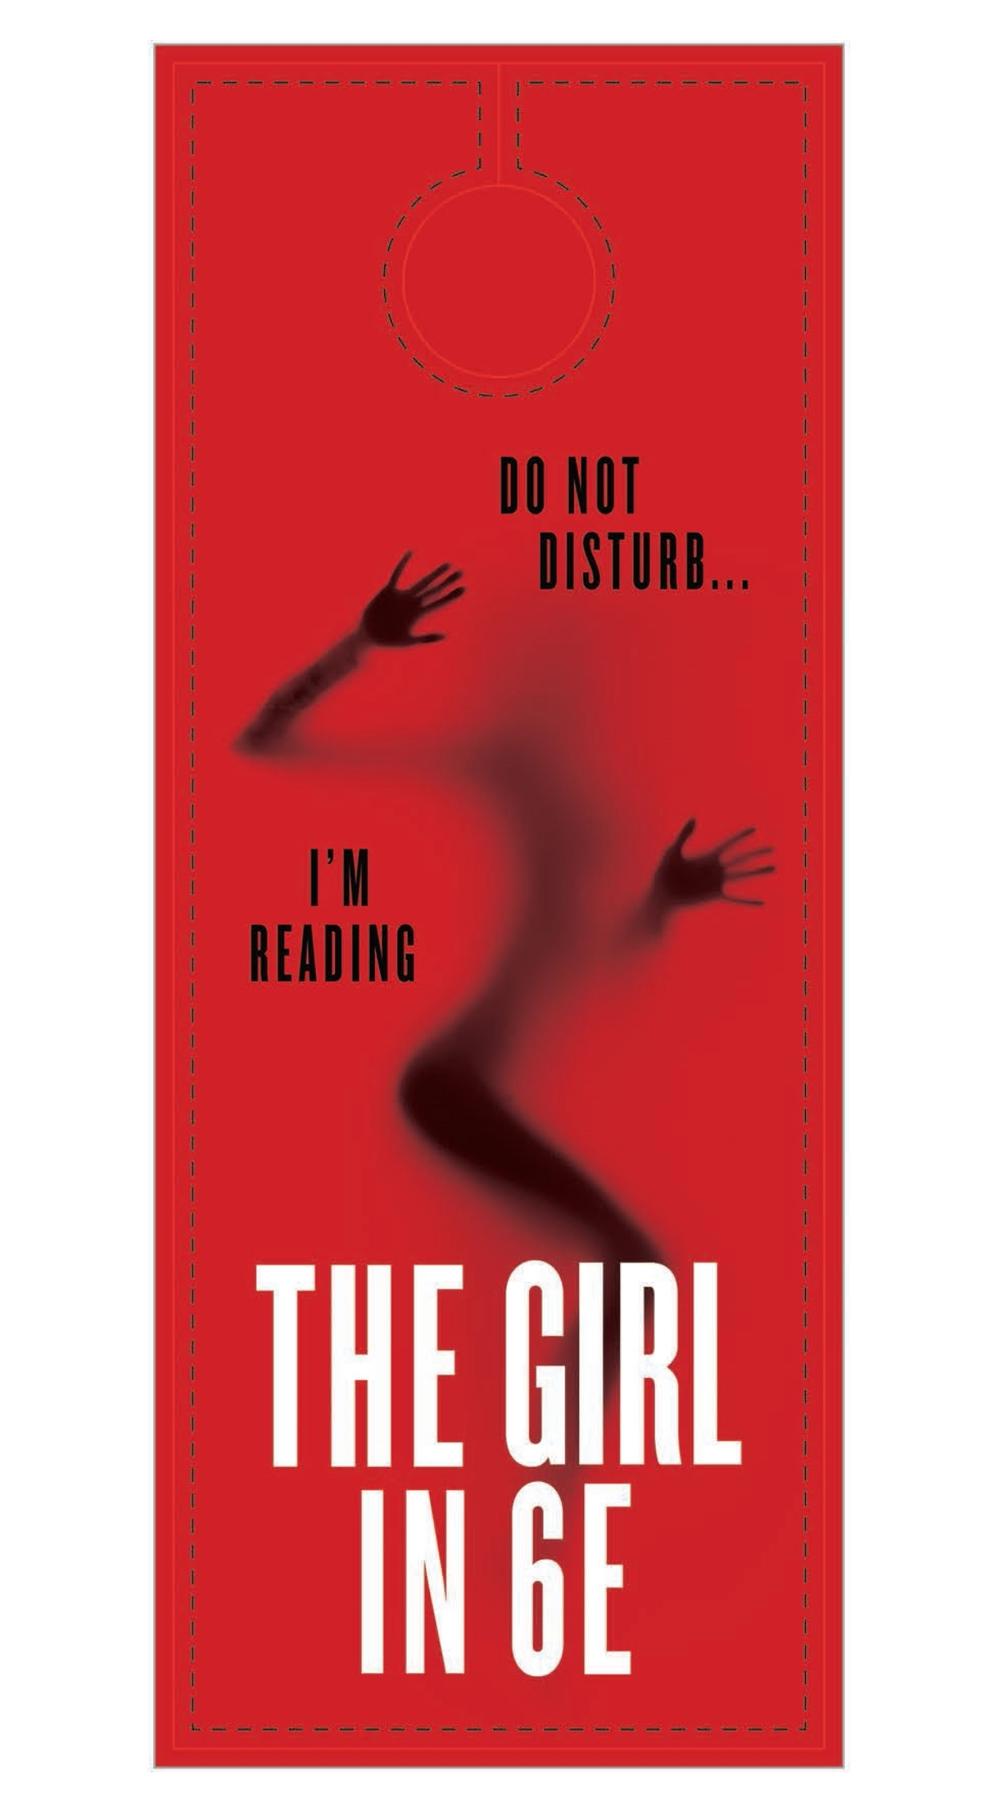 The Girl in 6E door hanger (1/2)